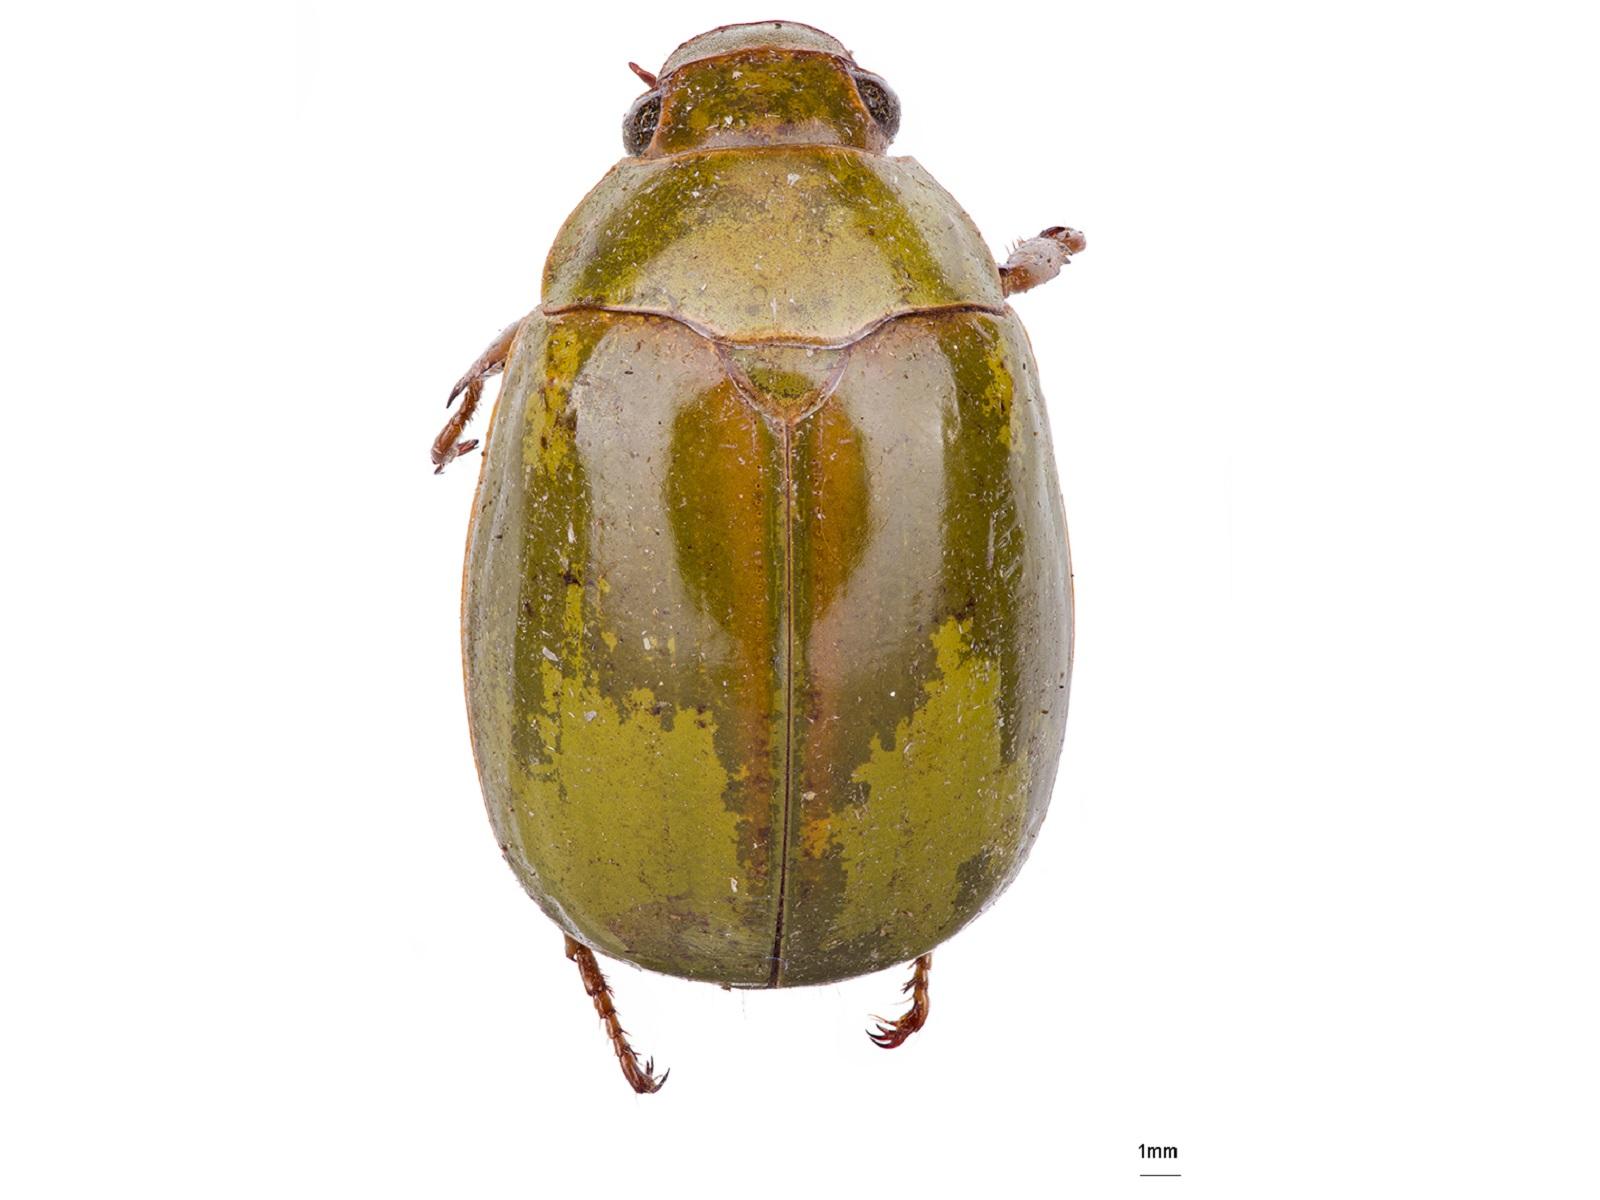 Platycoelia valida Burmeister, 1844